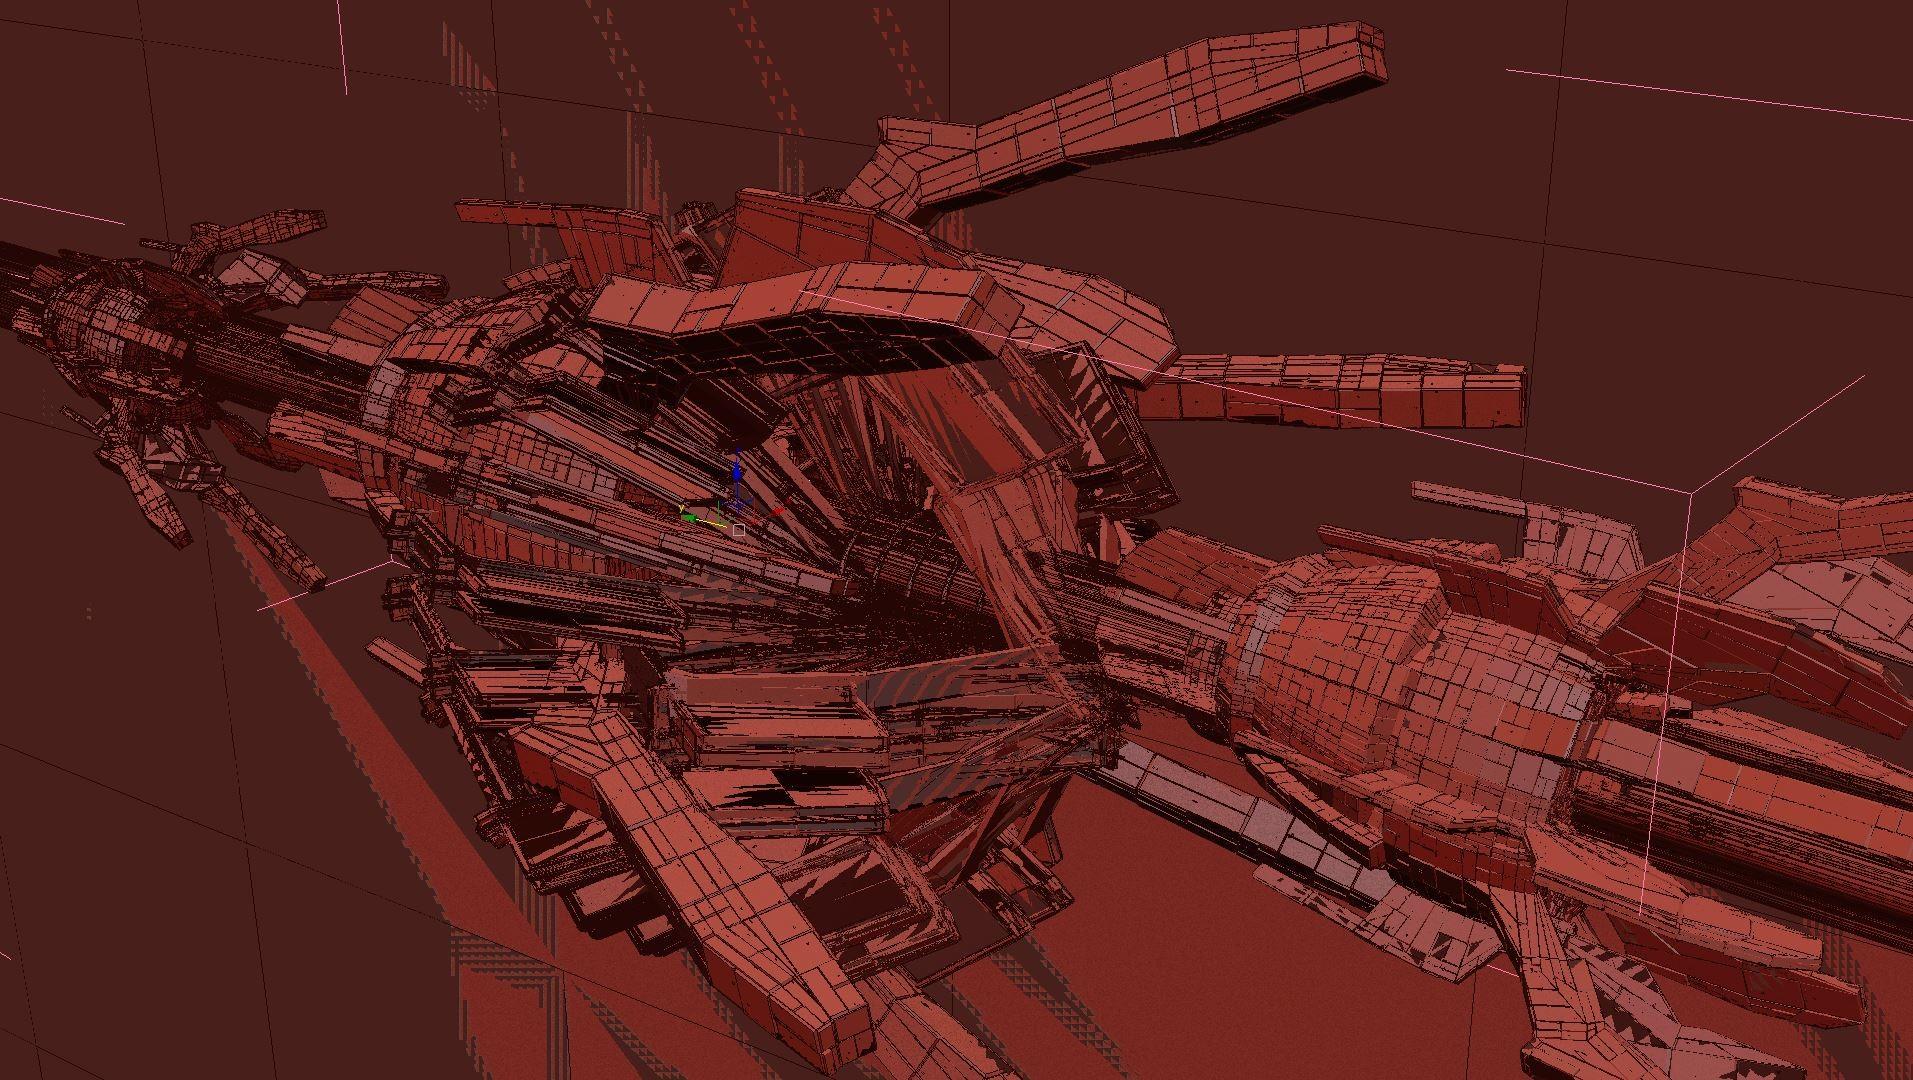 Kresimir jelusic robob3ar 241 100616 breakdown